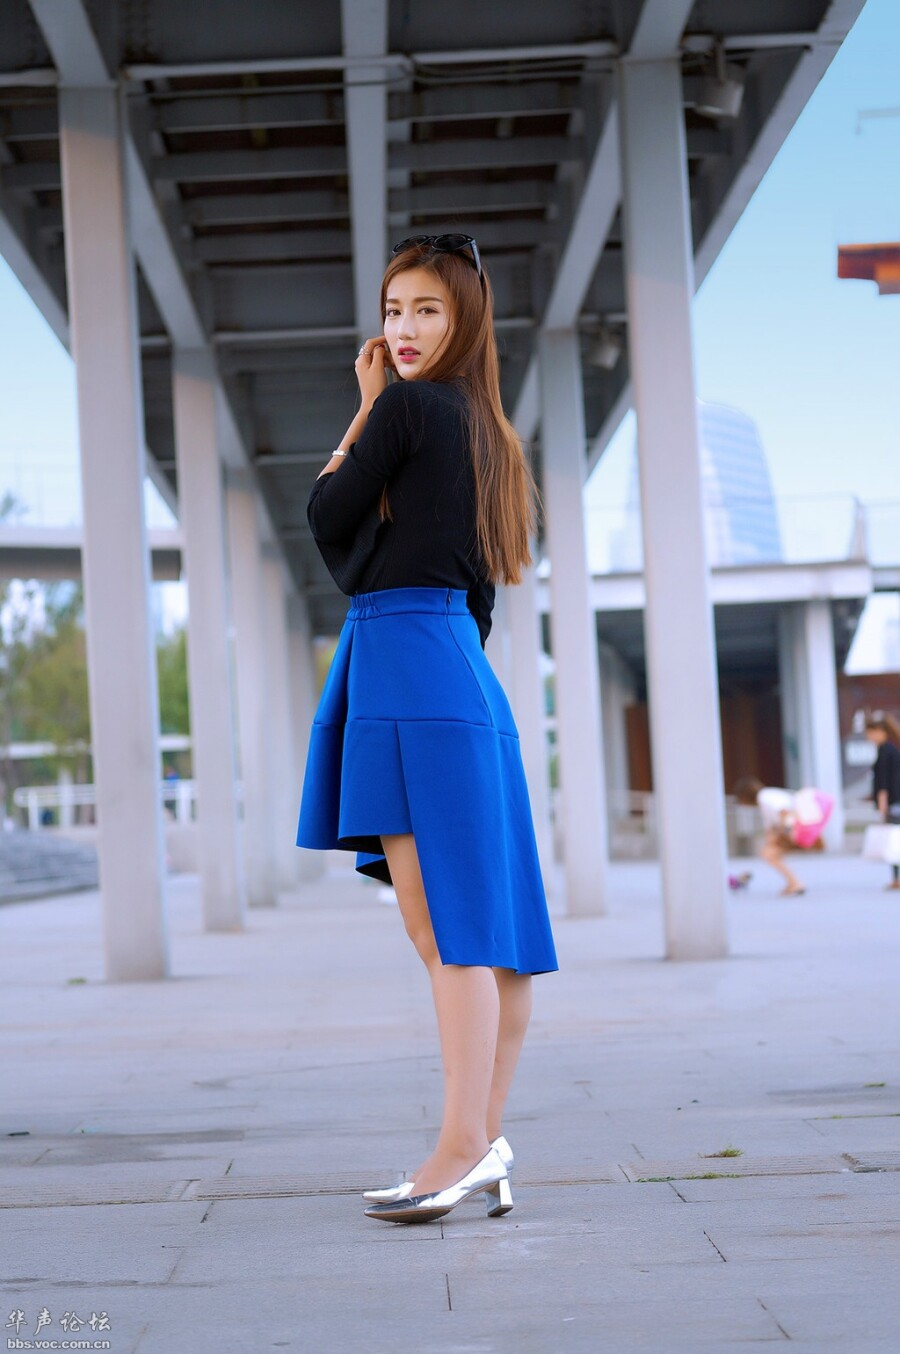 时尚高挑  靓女菲菲 - 花開有聲 - 花開有聲